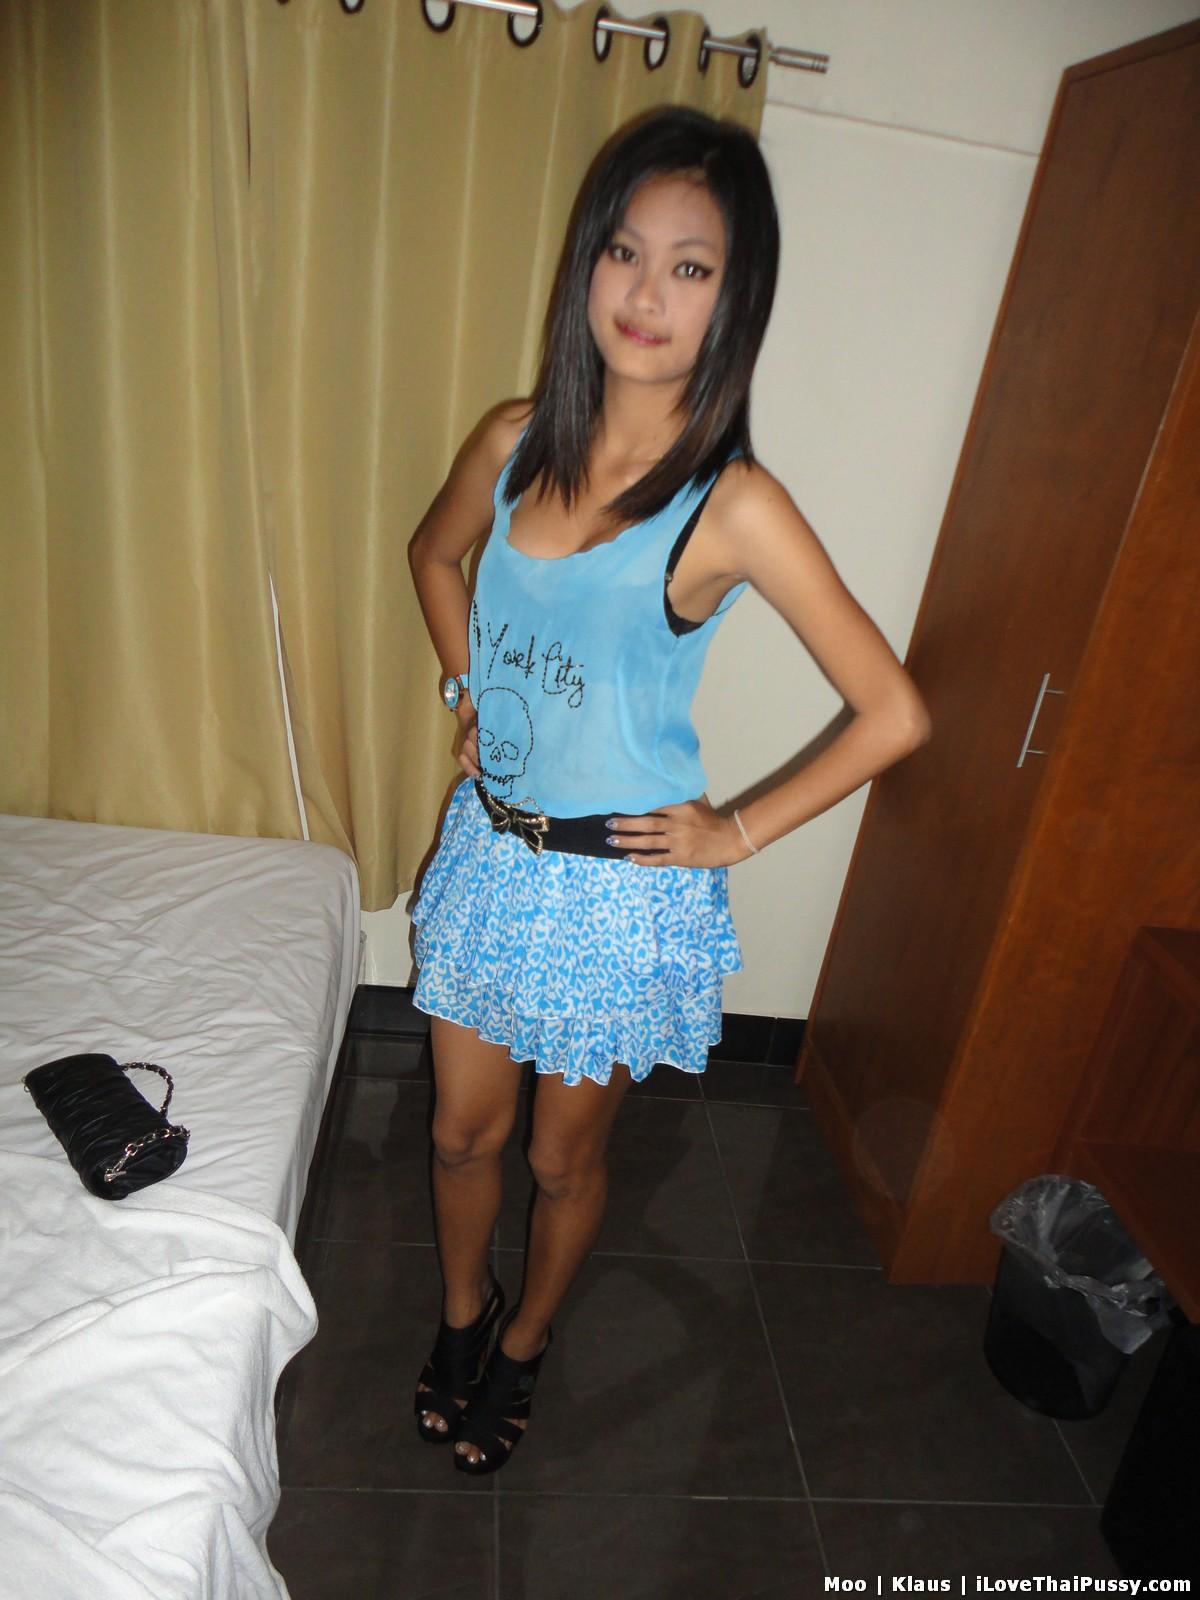 http://teensinasia.com/wp-content/uploads/2012/06/shy_pattaya_girl_moo_24.jpg